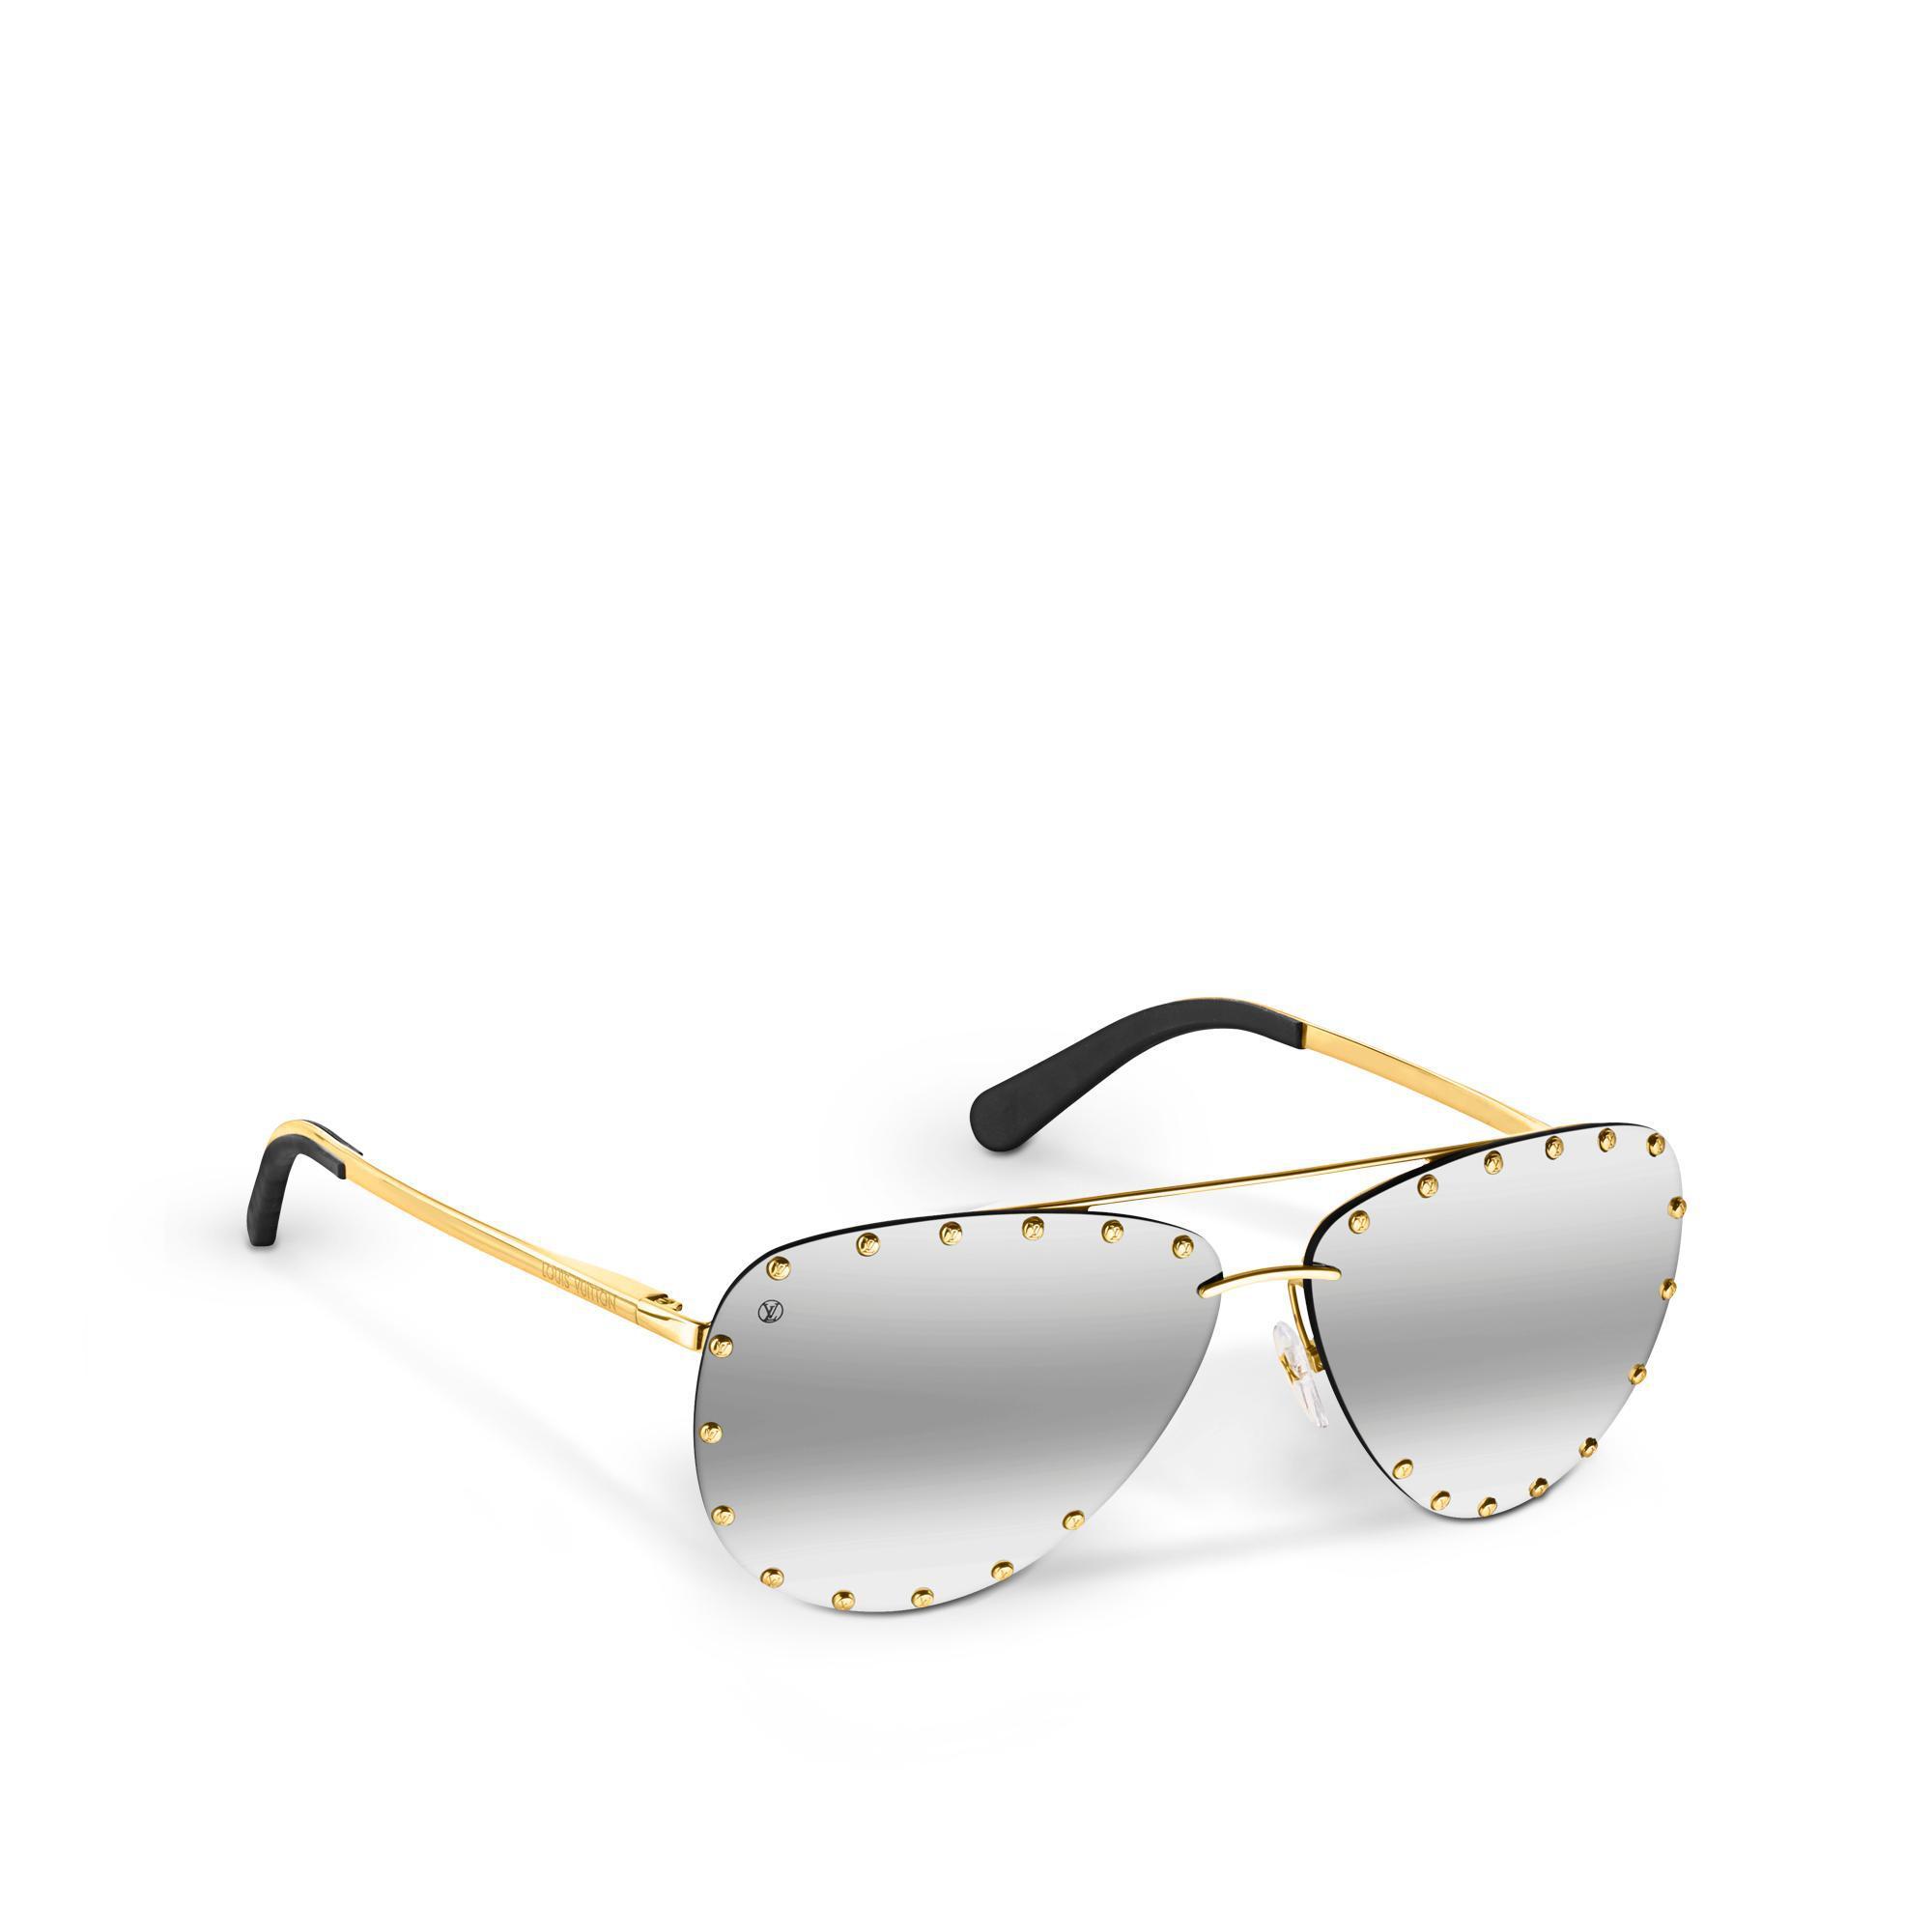 c0064ba4c28 Louis Vuitton The Party Square Sunglasses | ModeSens